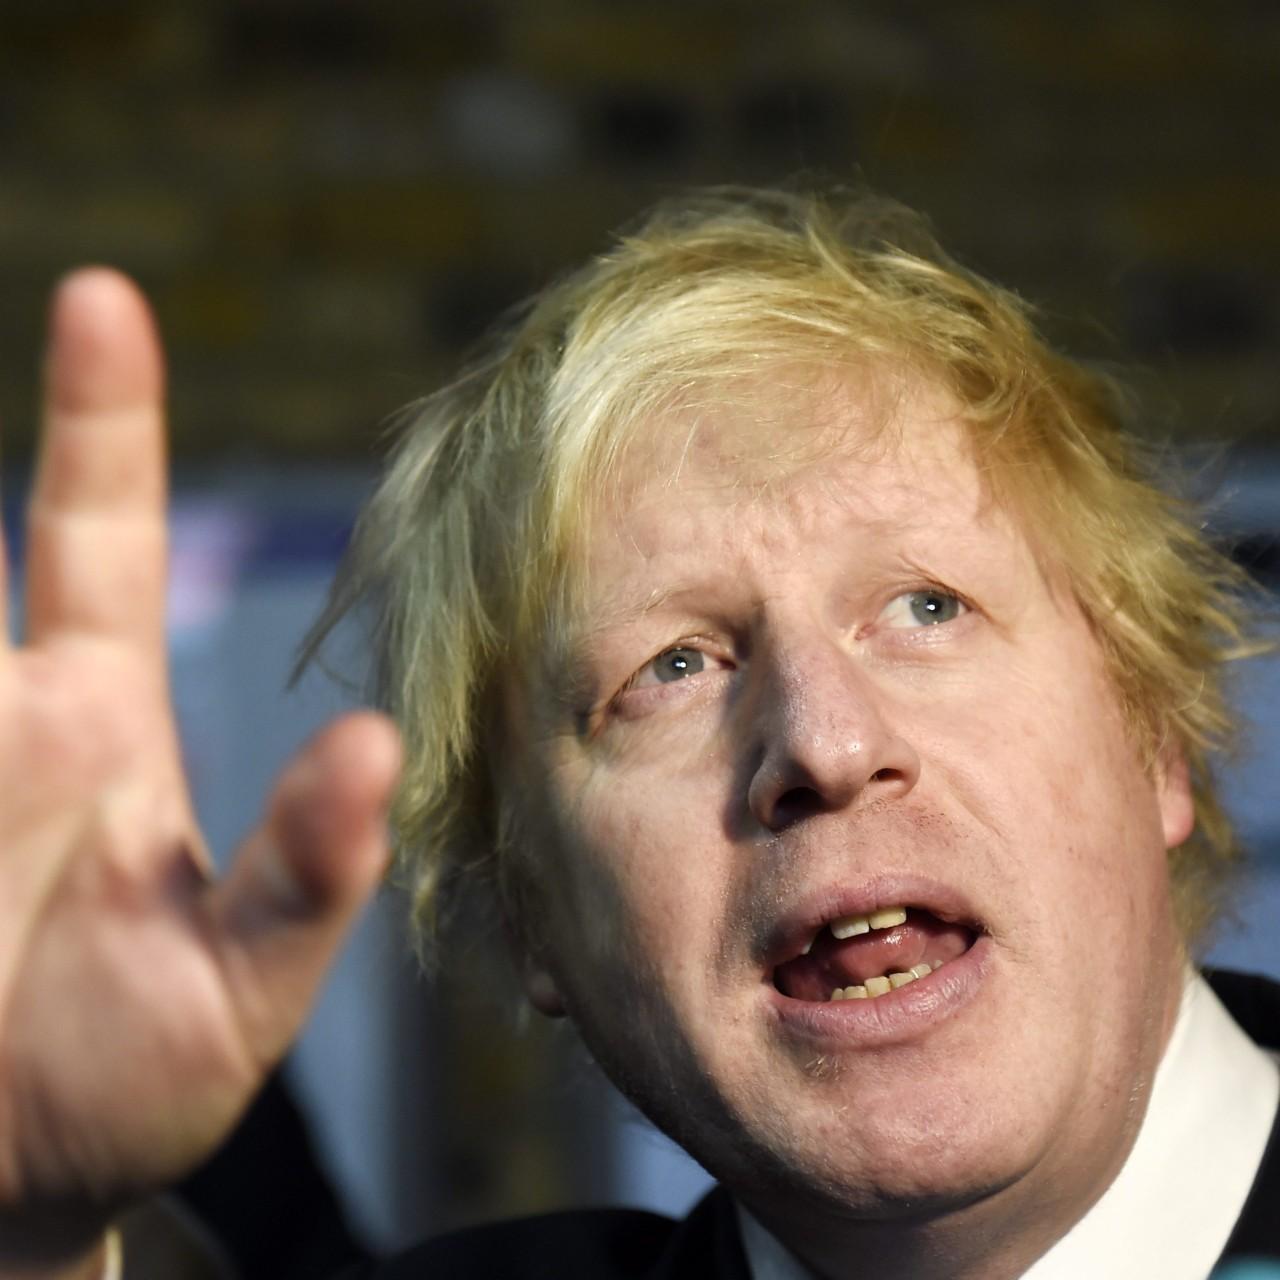 London mayor Boris Johnson says Tony Blair is an 'epic tosser' for